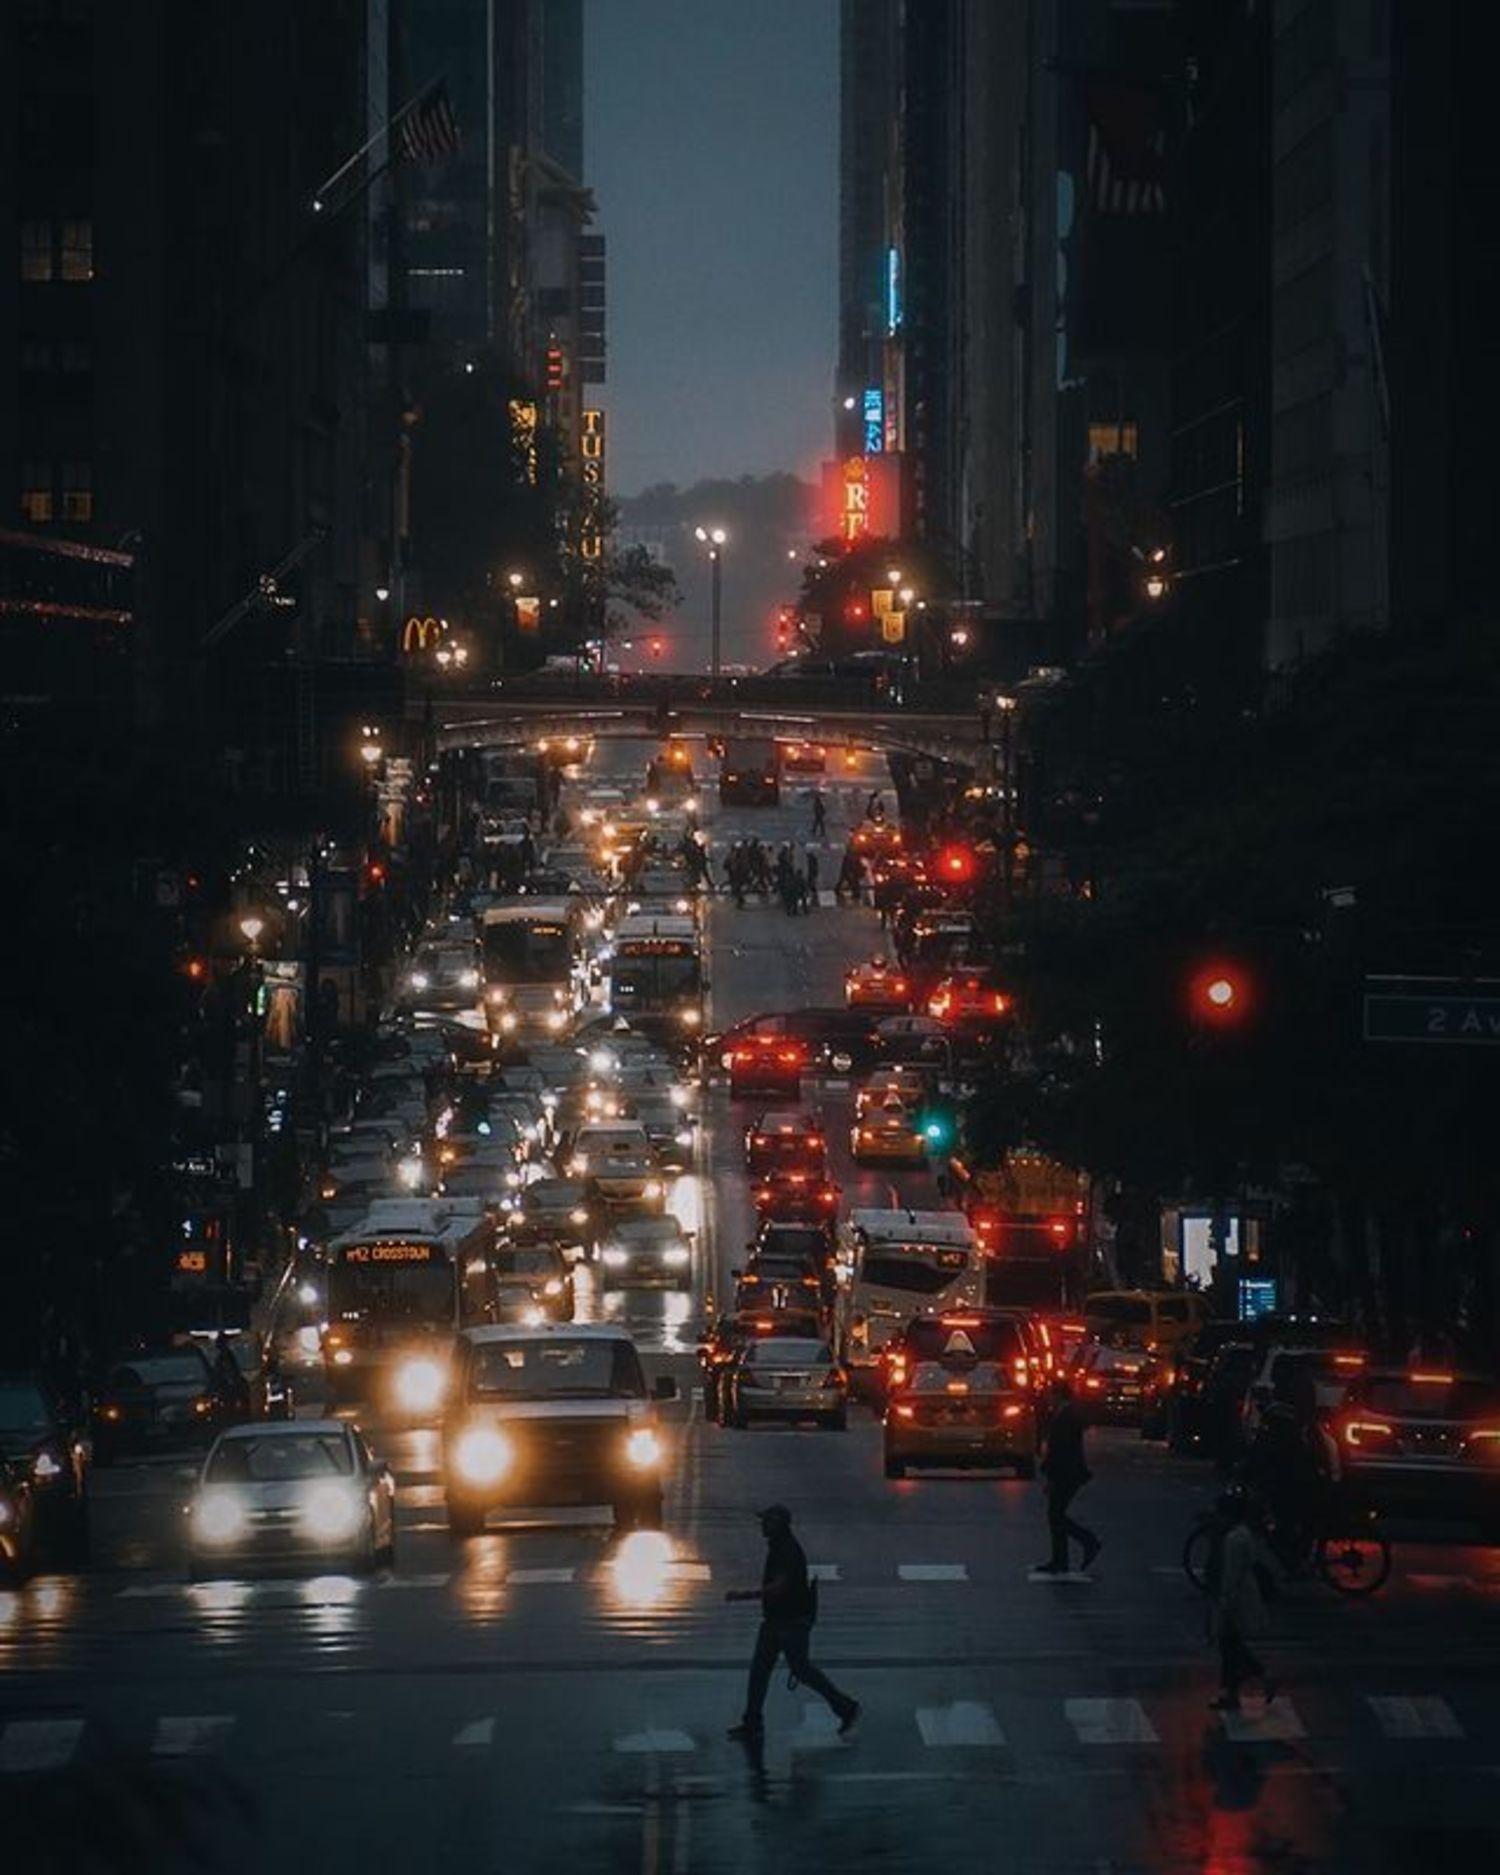 42nd Street, Midtown East, Manhattan